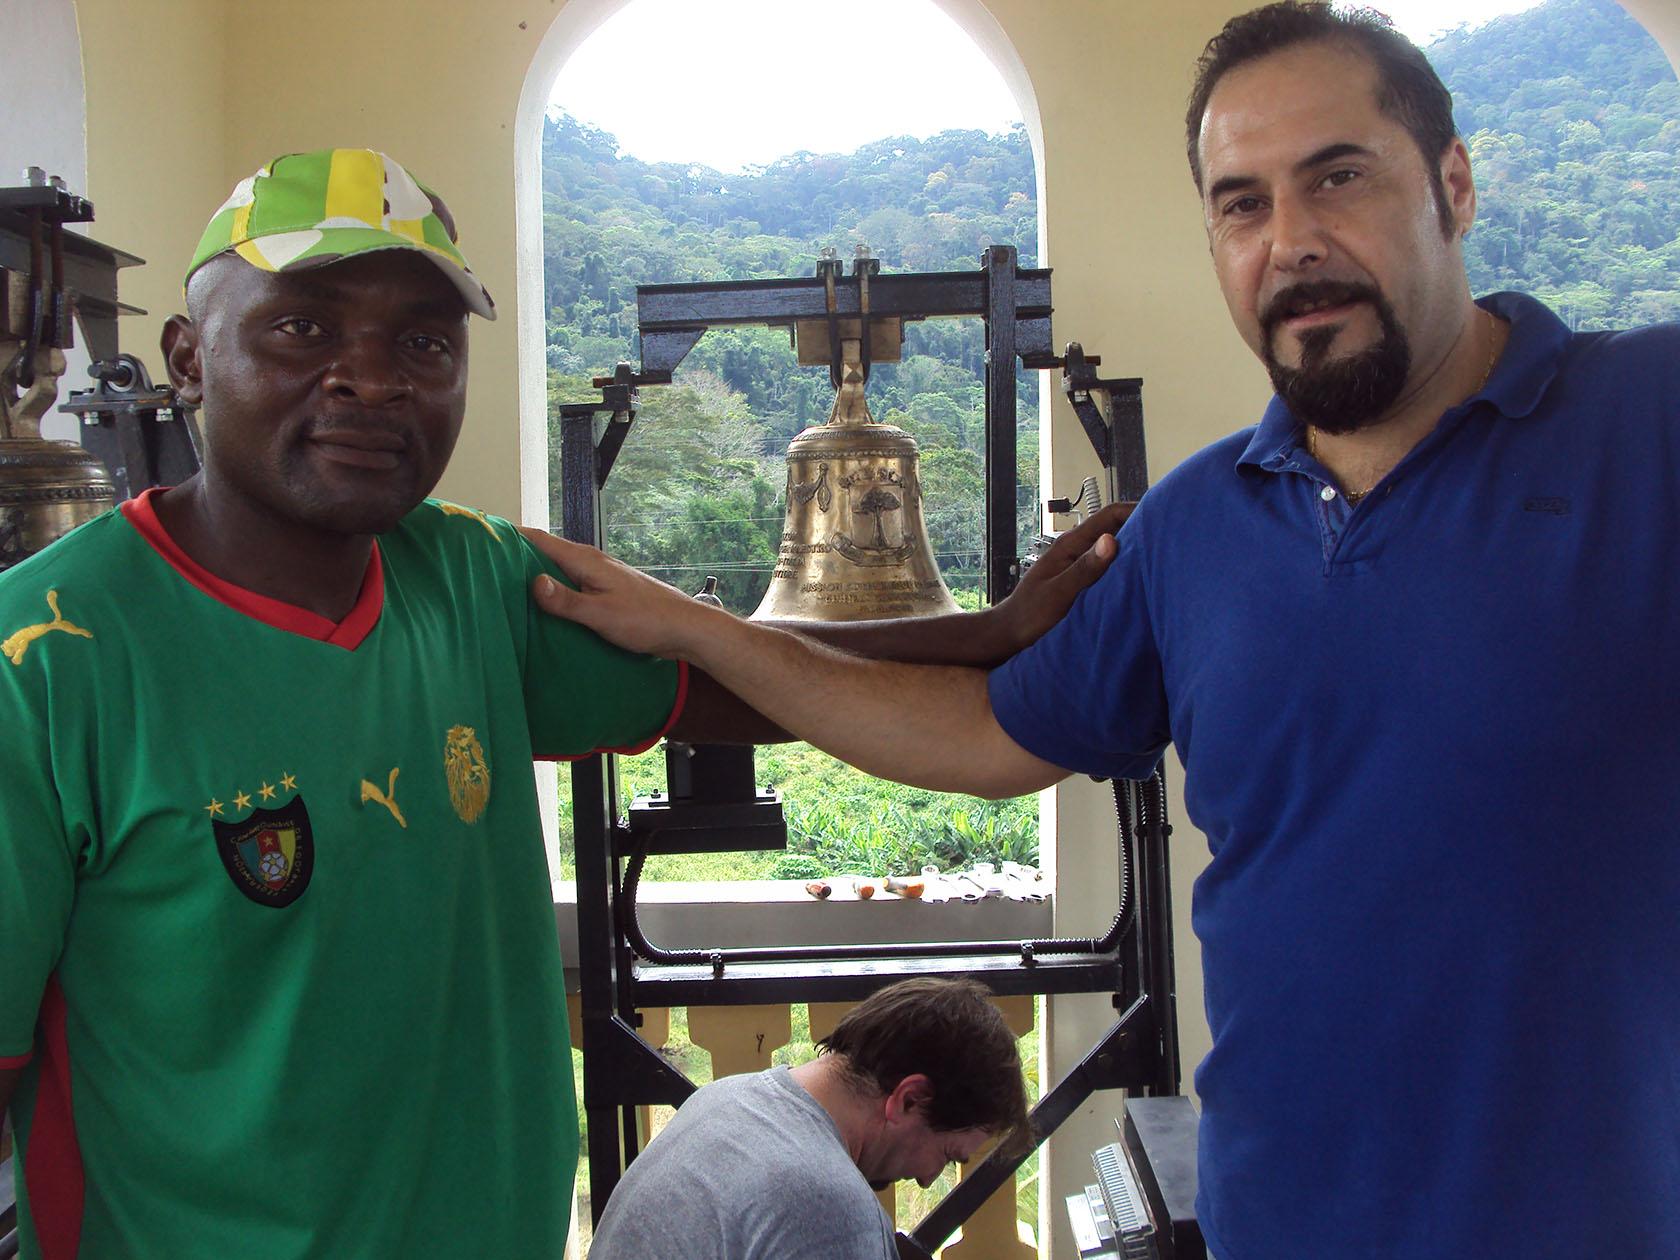 Montaggio Campana Guinea Equatoriale - Campane Marinelli